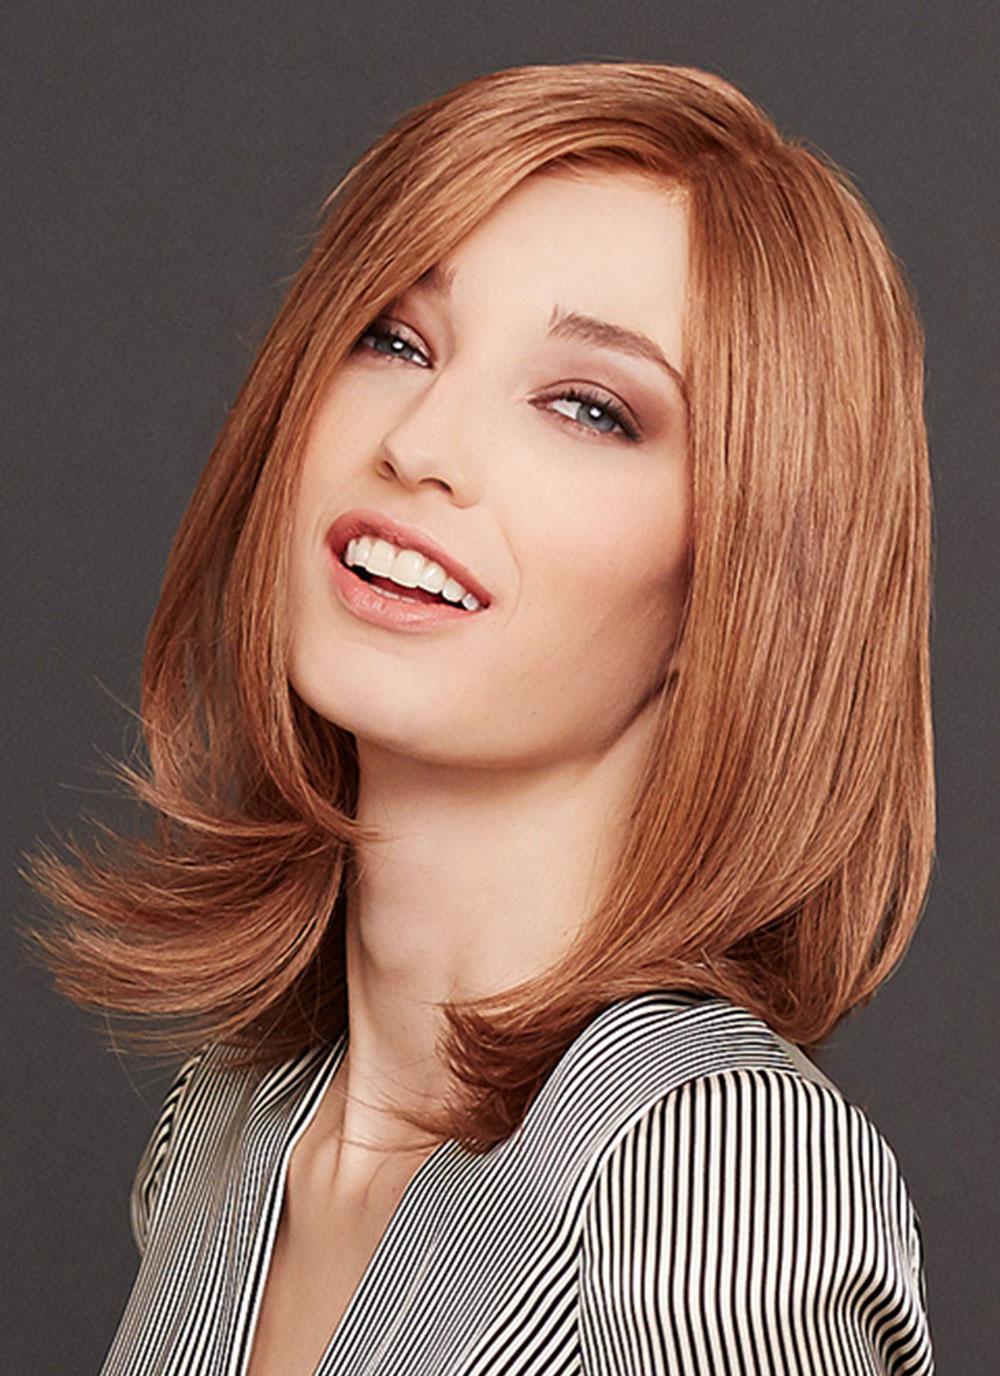 peruca par natural, peruca luxery lace c, peruci cluj, peruci timisoara, peruca gisela mayer